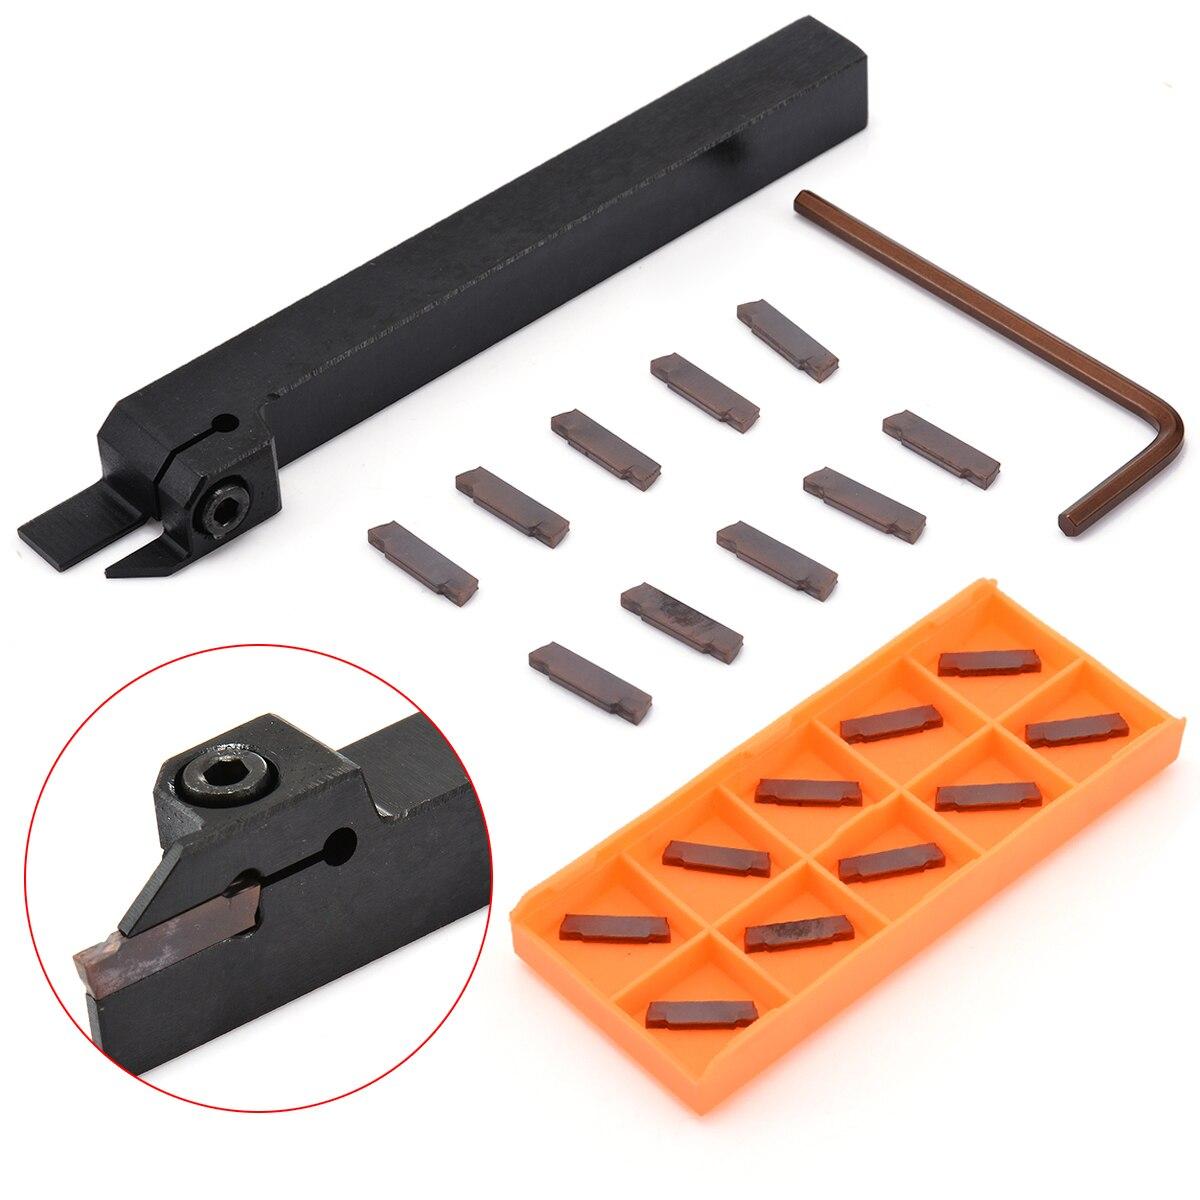 Pratico CNC Tornio Utensile da Tornio MGEHR1212-2 Strumento di Cut-Off Supporto di 12*12*100mm Boring Bar + 10 pz MGMN200-G Inserti In Metallo Duro Lama